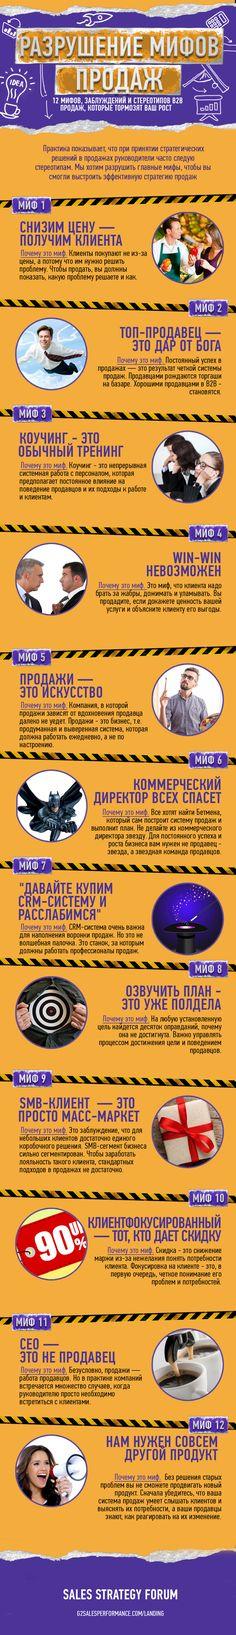 Инфографика: 12 вещей, в которые ошибочно верят продавцы